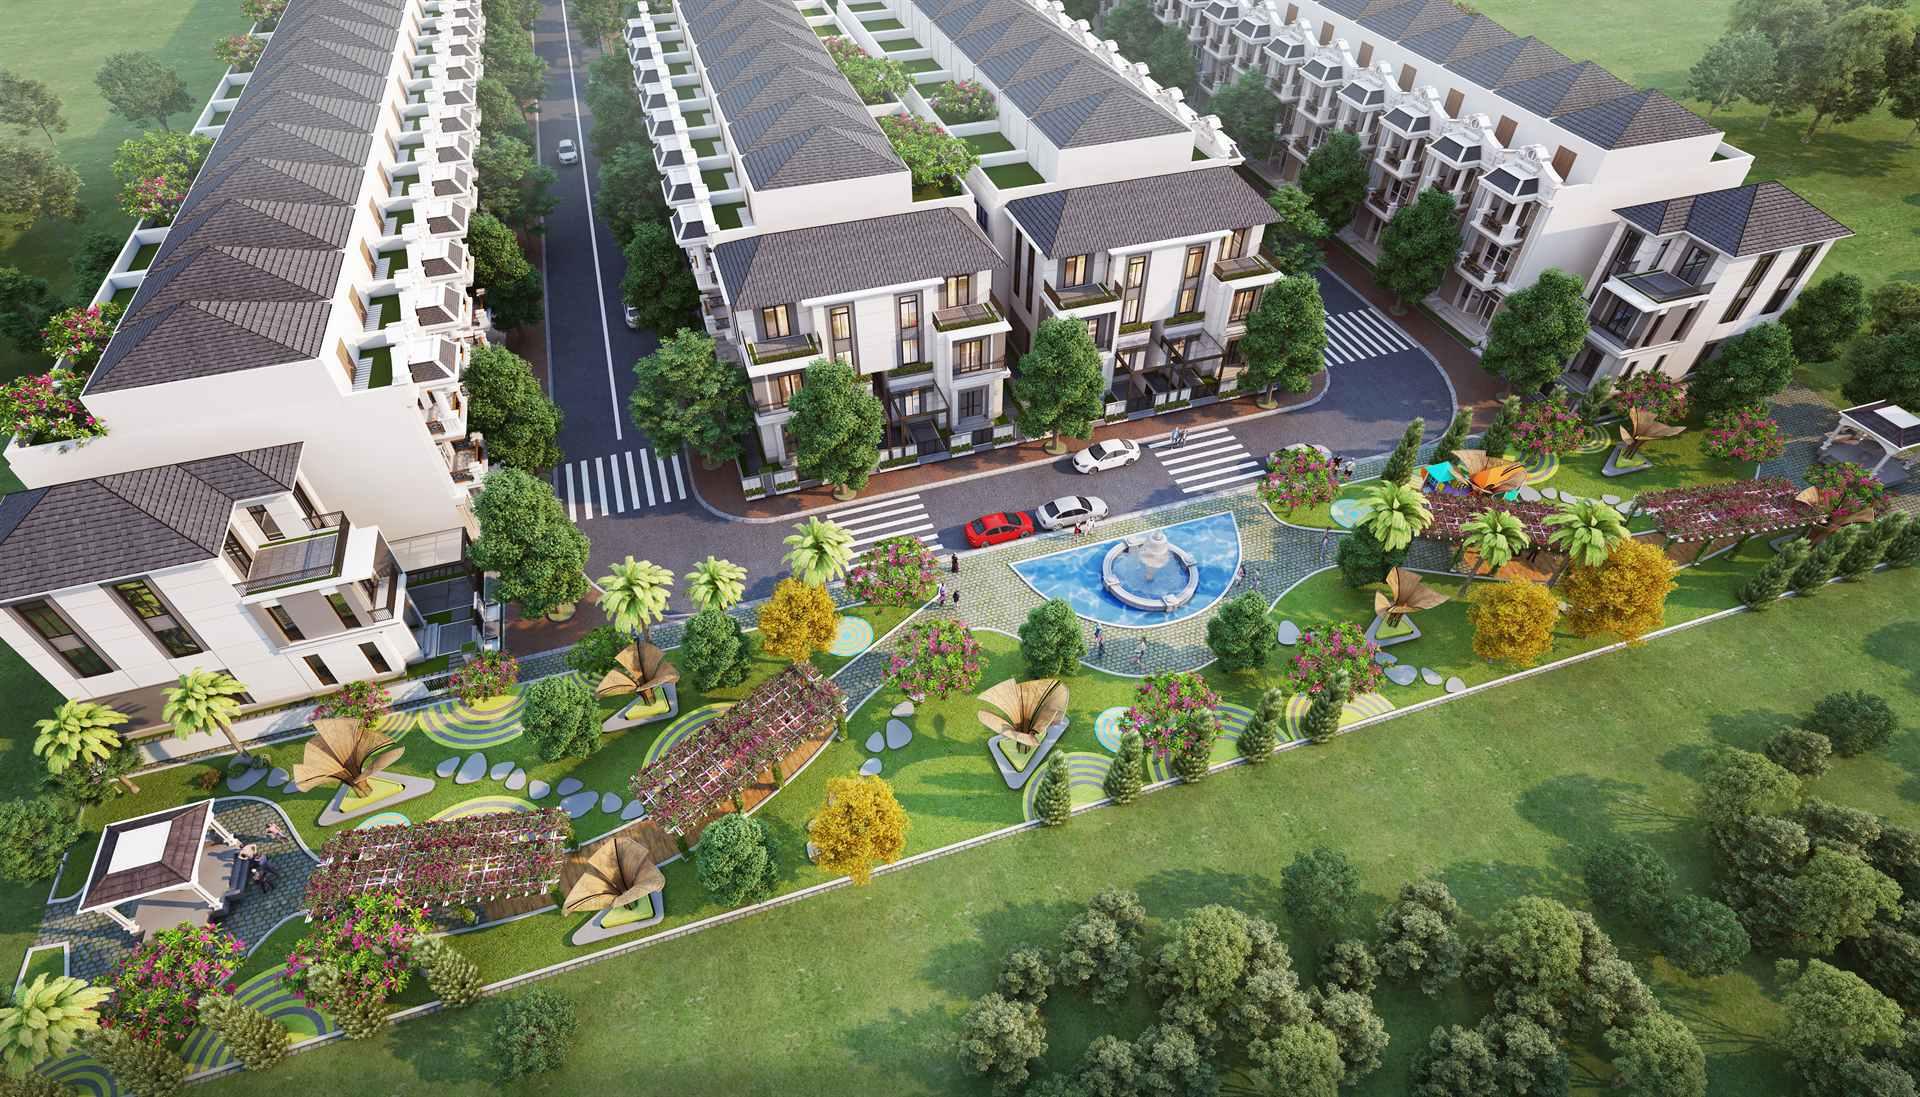 cong-vien-du-an-dat-nen-Tan-Phuoc-Center-binh-phuoc-datxanhmiendong-shophousevn